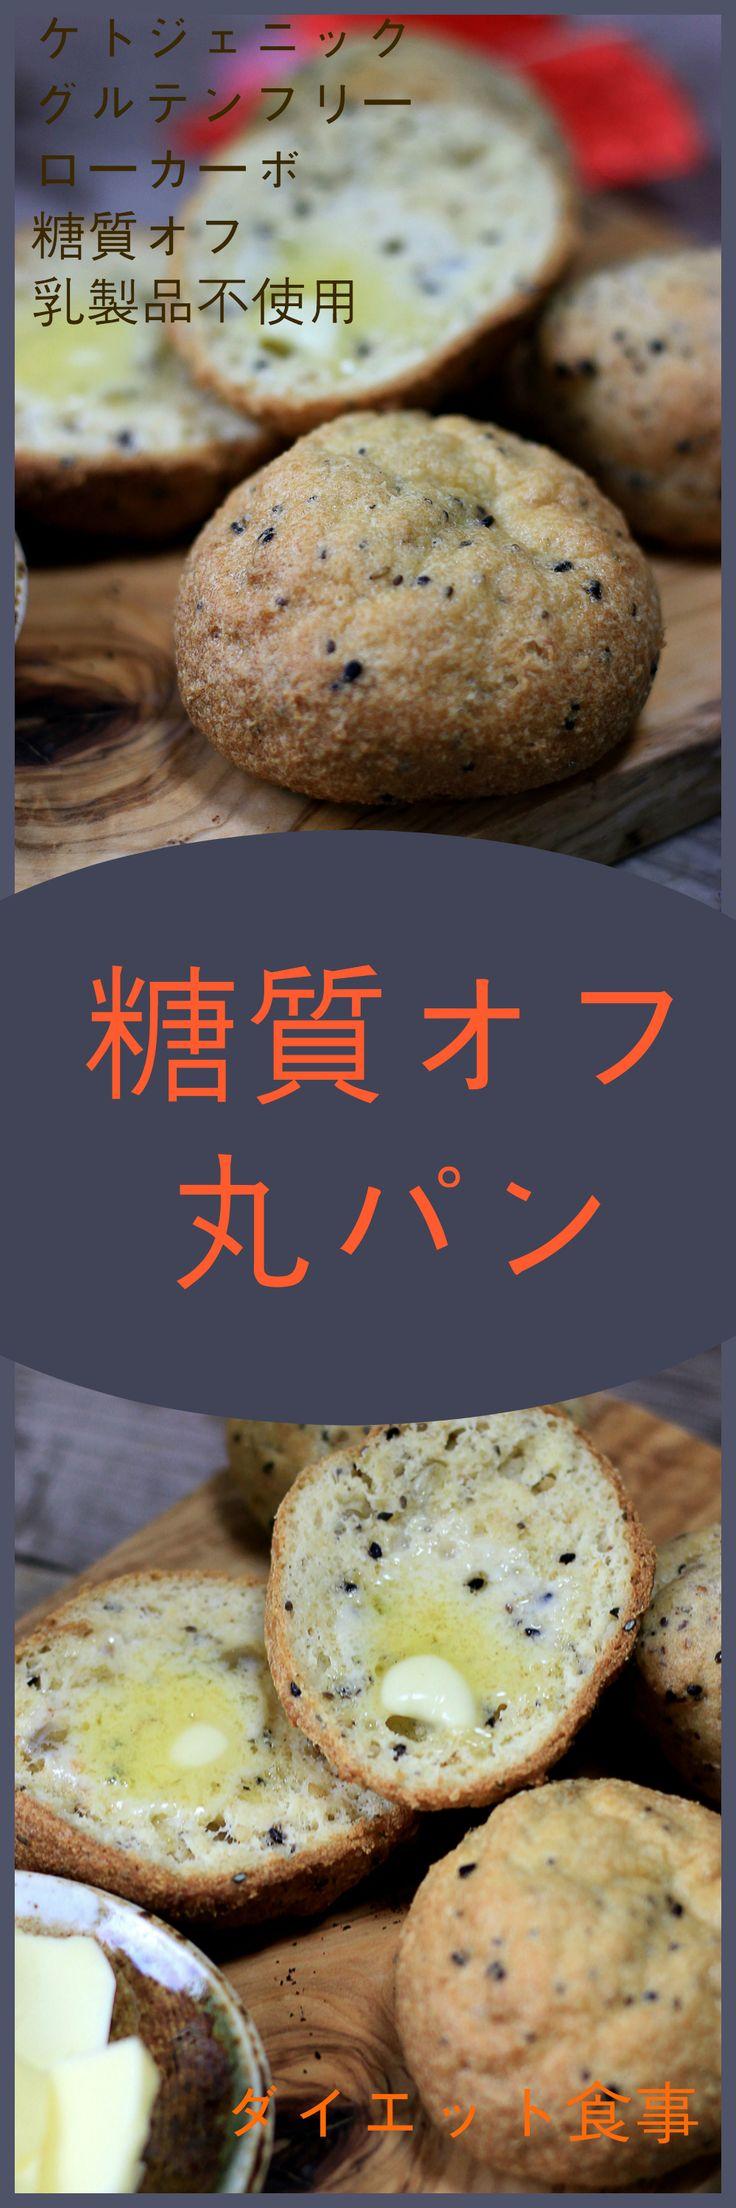 香ばしく中はふわふわモッチモチの低糖質パン。この丸パンは糖質3g以下です。このレシピを参考に料理を作れば、必要以上に糖質量をオーバーしてしまうことはありませんし、安心して糖質制限ダイエットを続けることが出来ます!